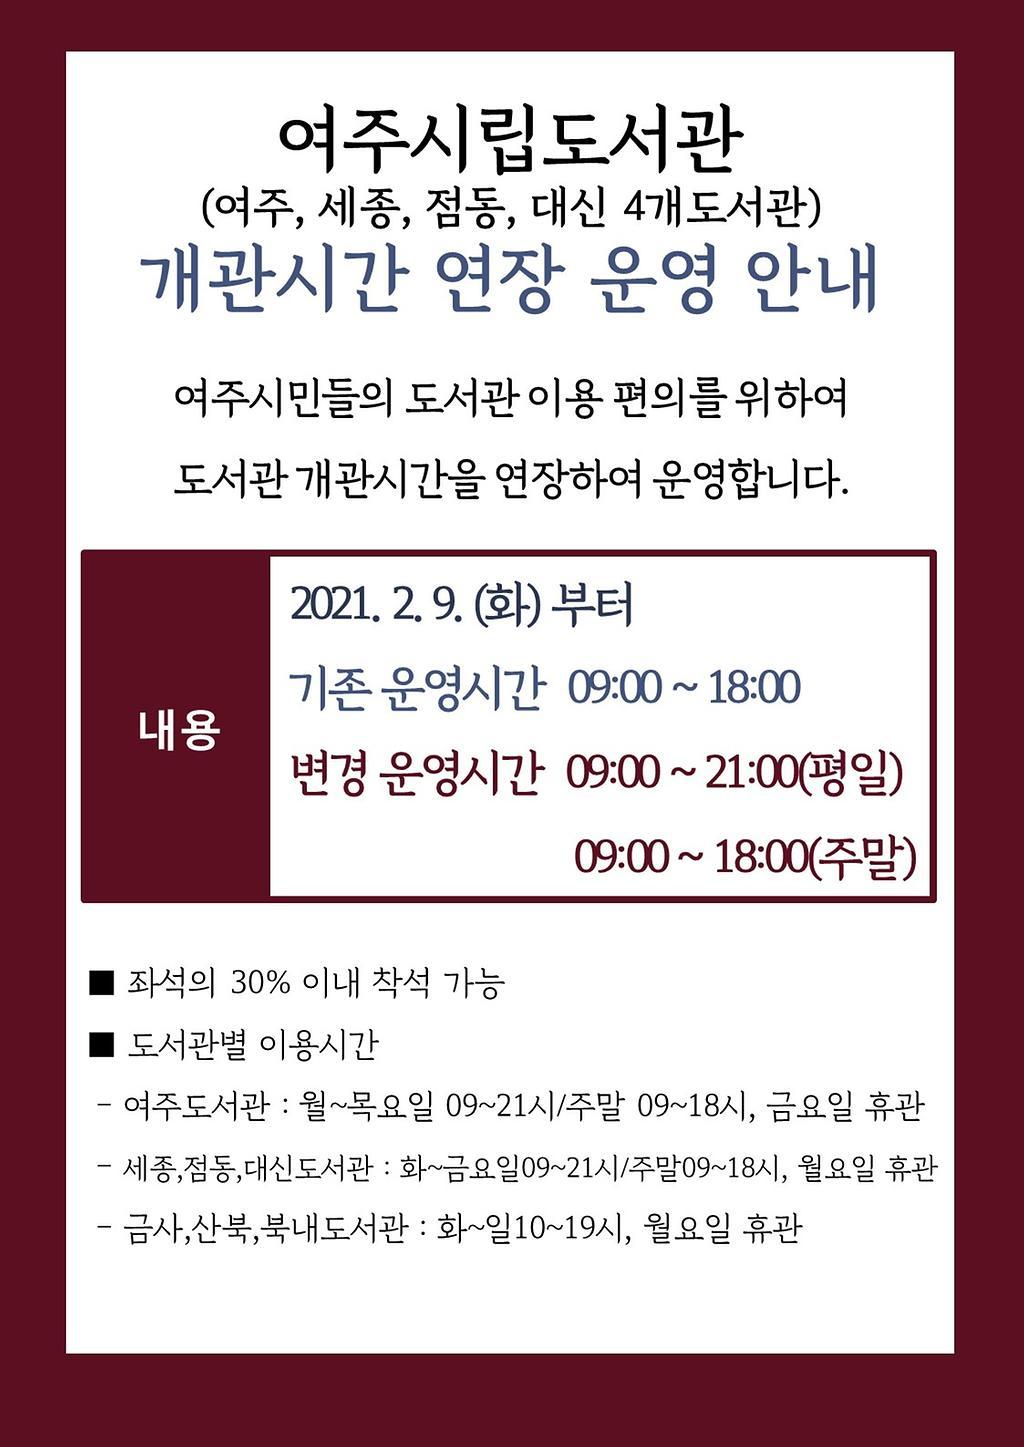 여주시립도서관 개관시간 연장 운영안내 2021년 2월 9일부터 09시부터 21시까지 연장운영